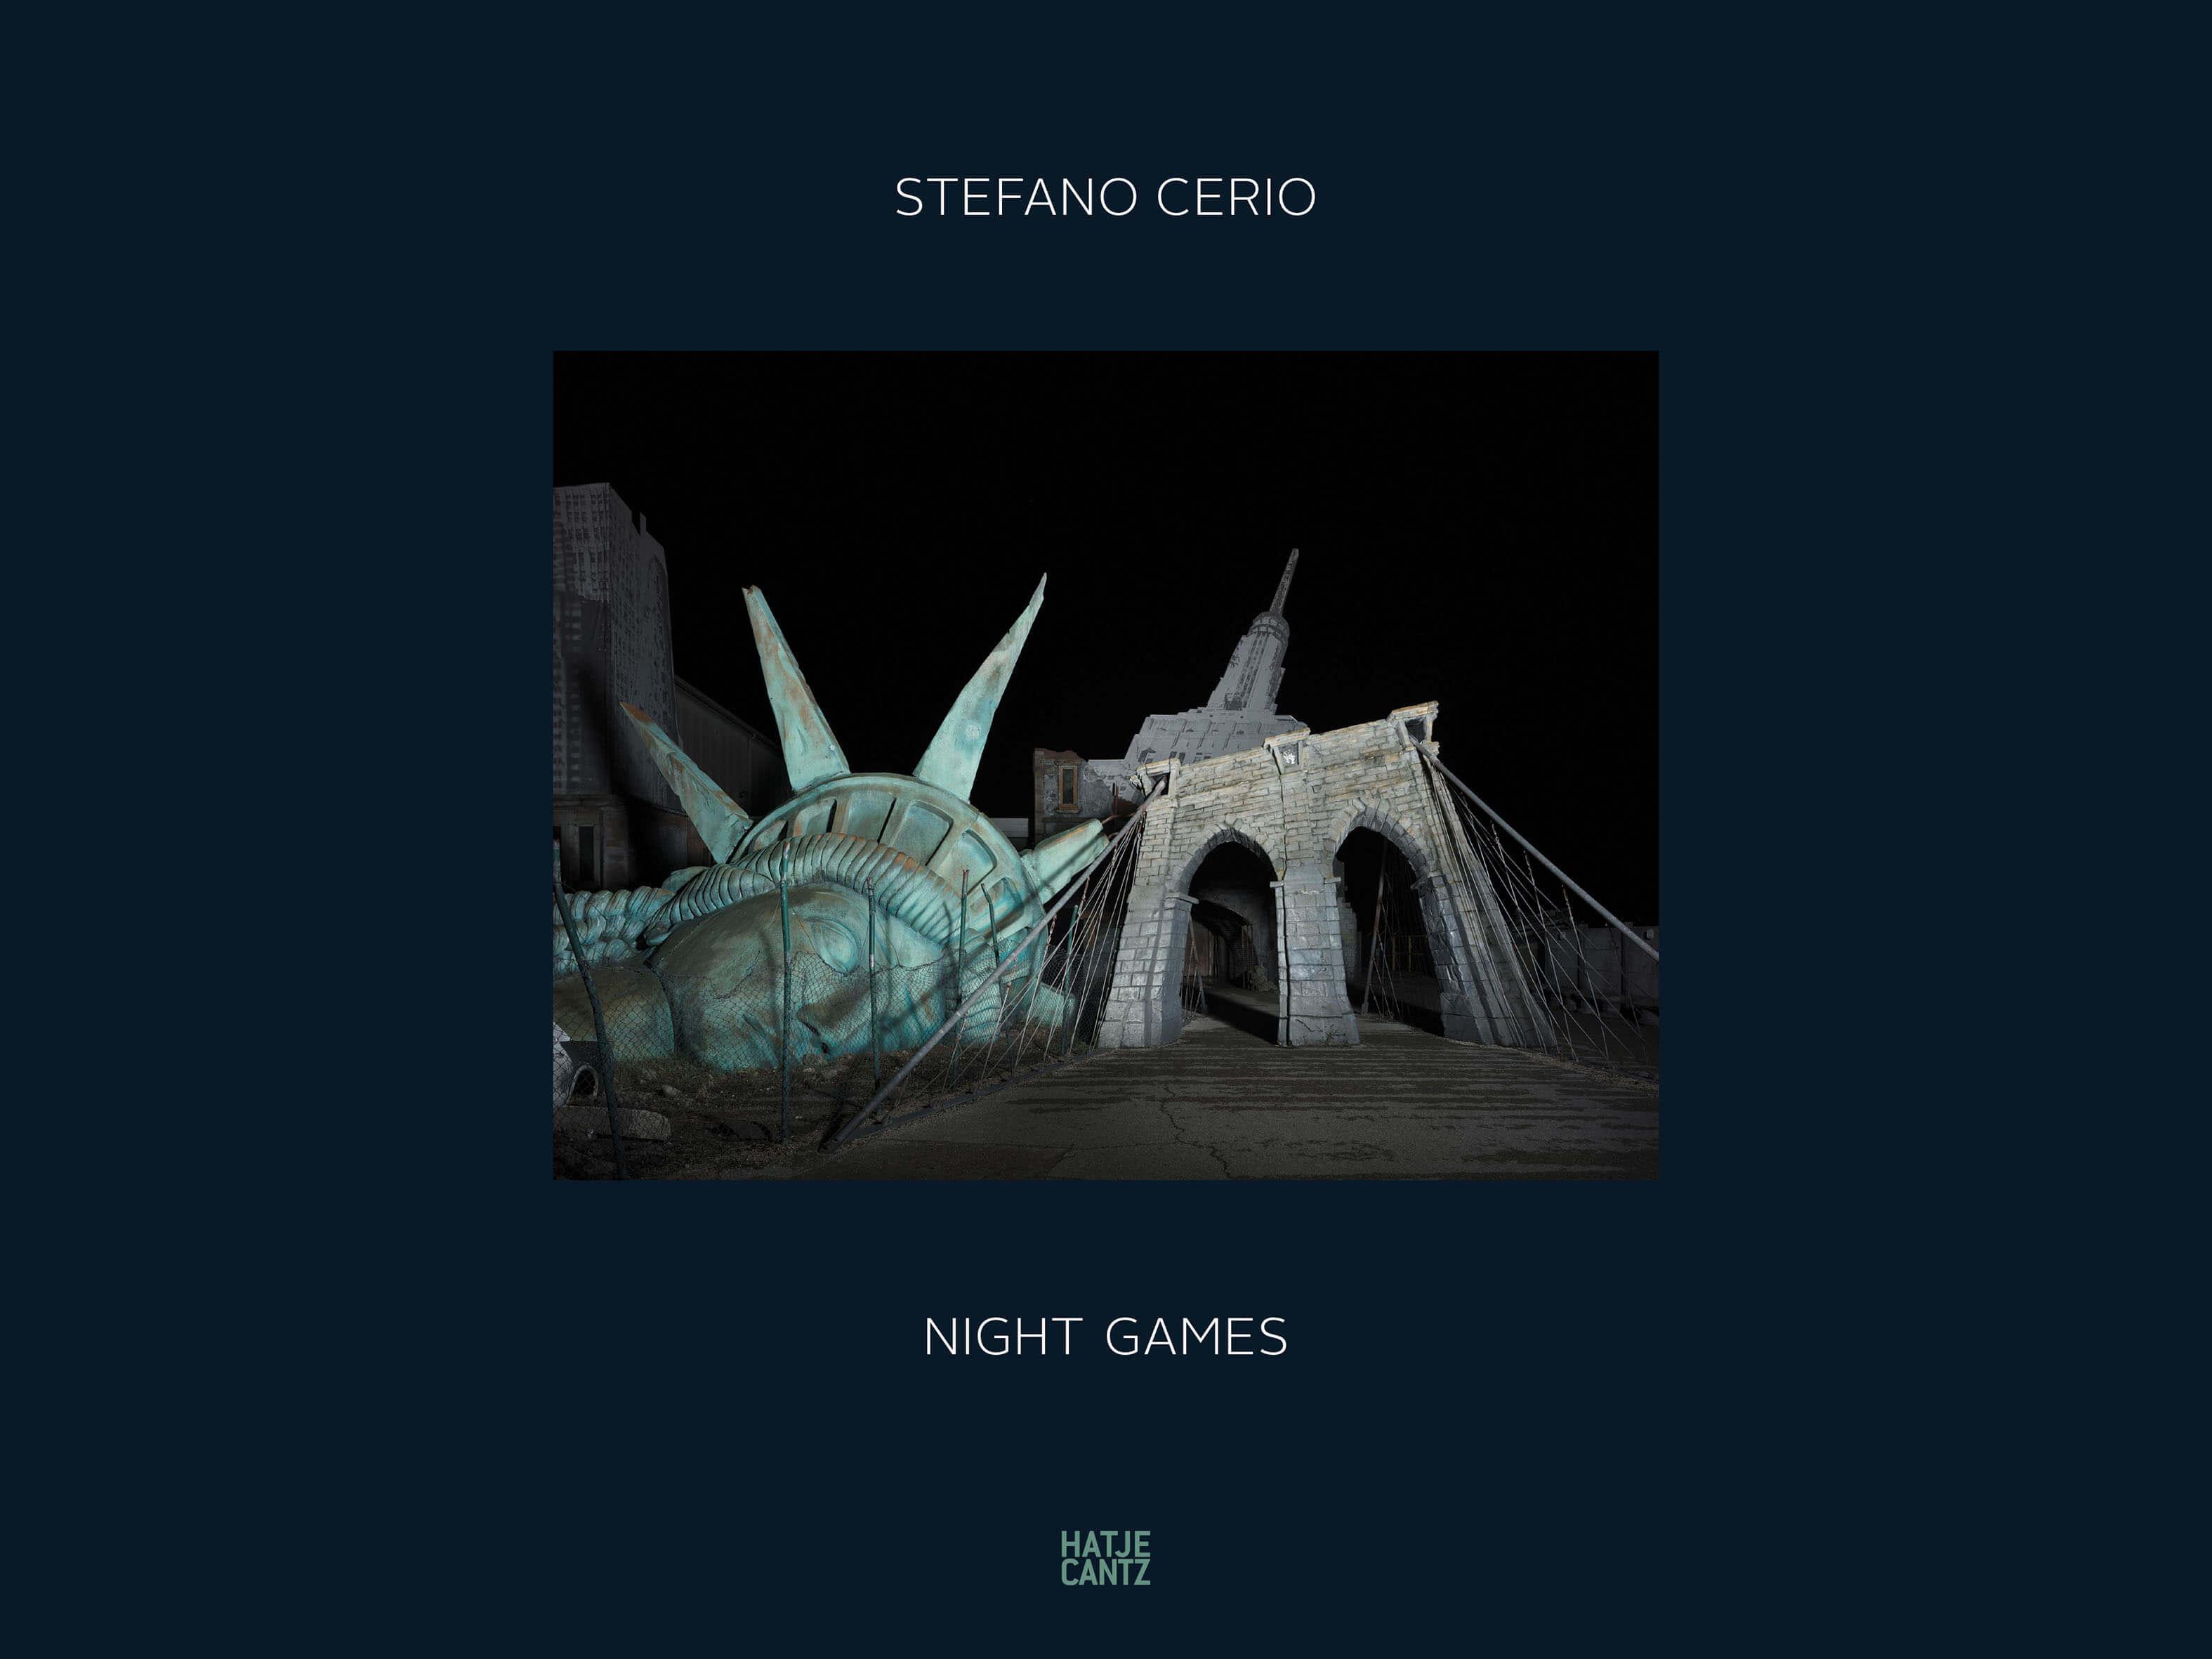 Cerio Night Games